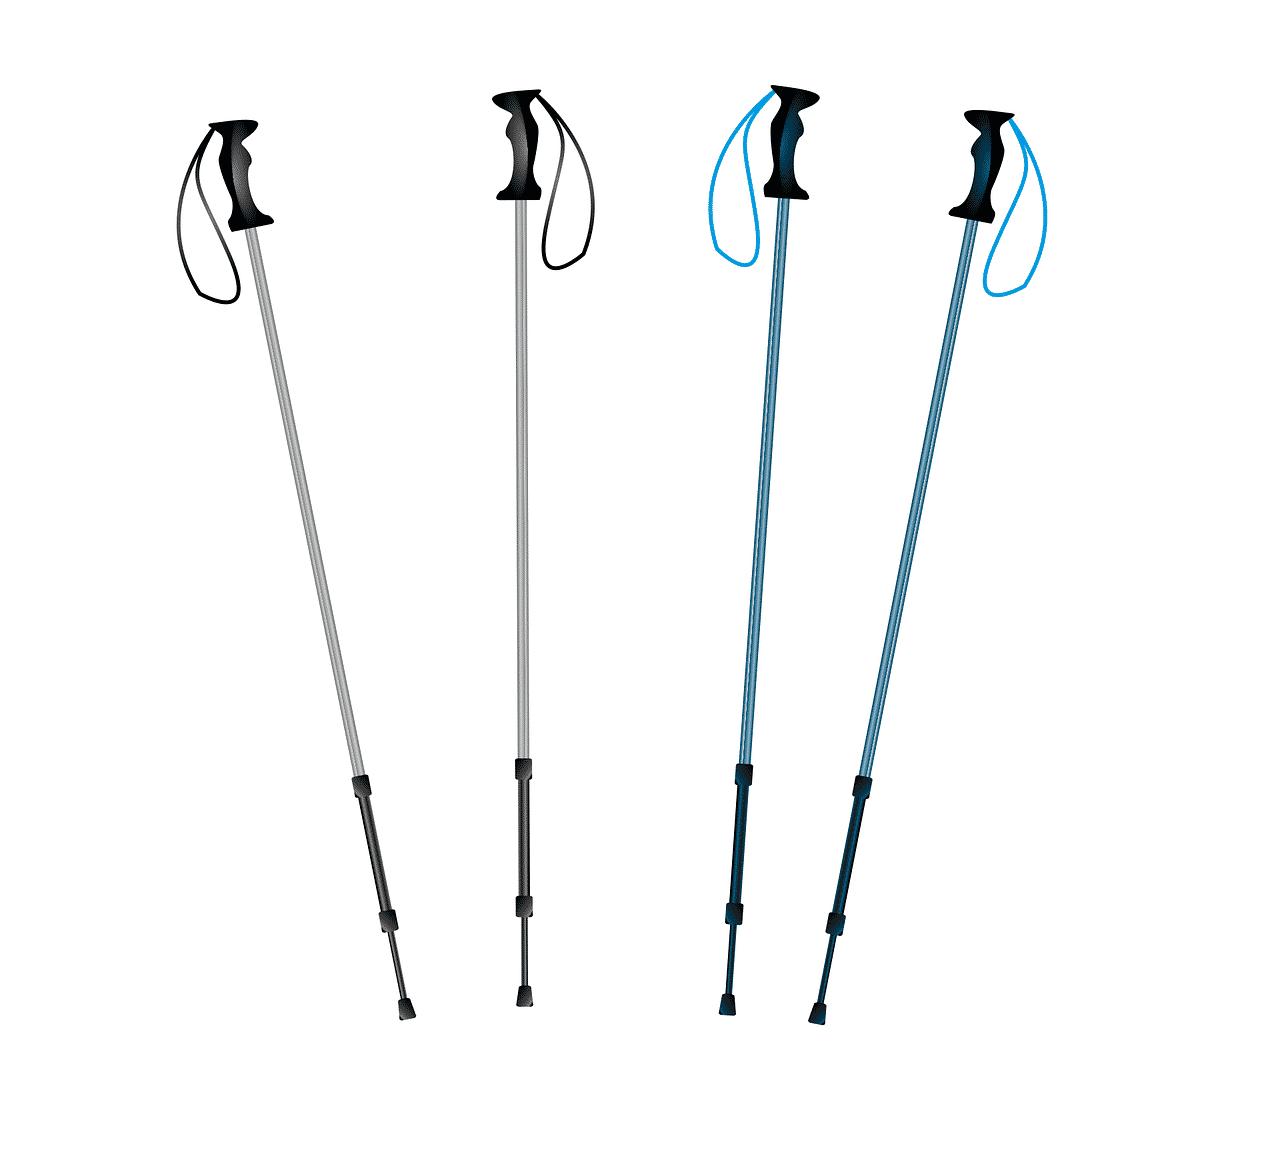 Les bâtons de marque nordique